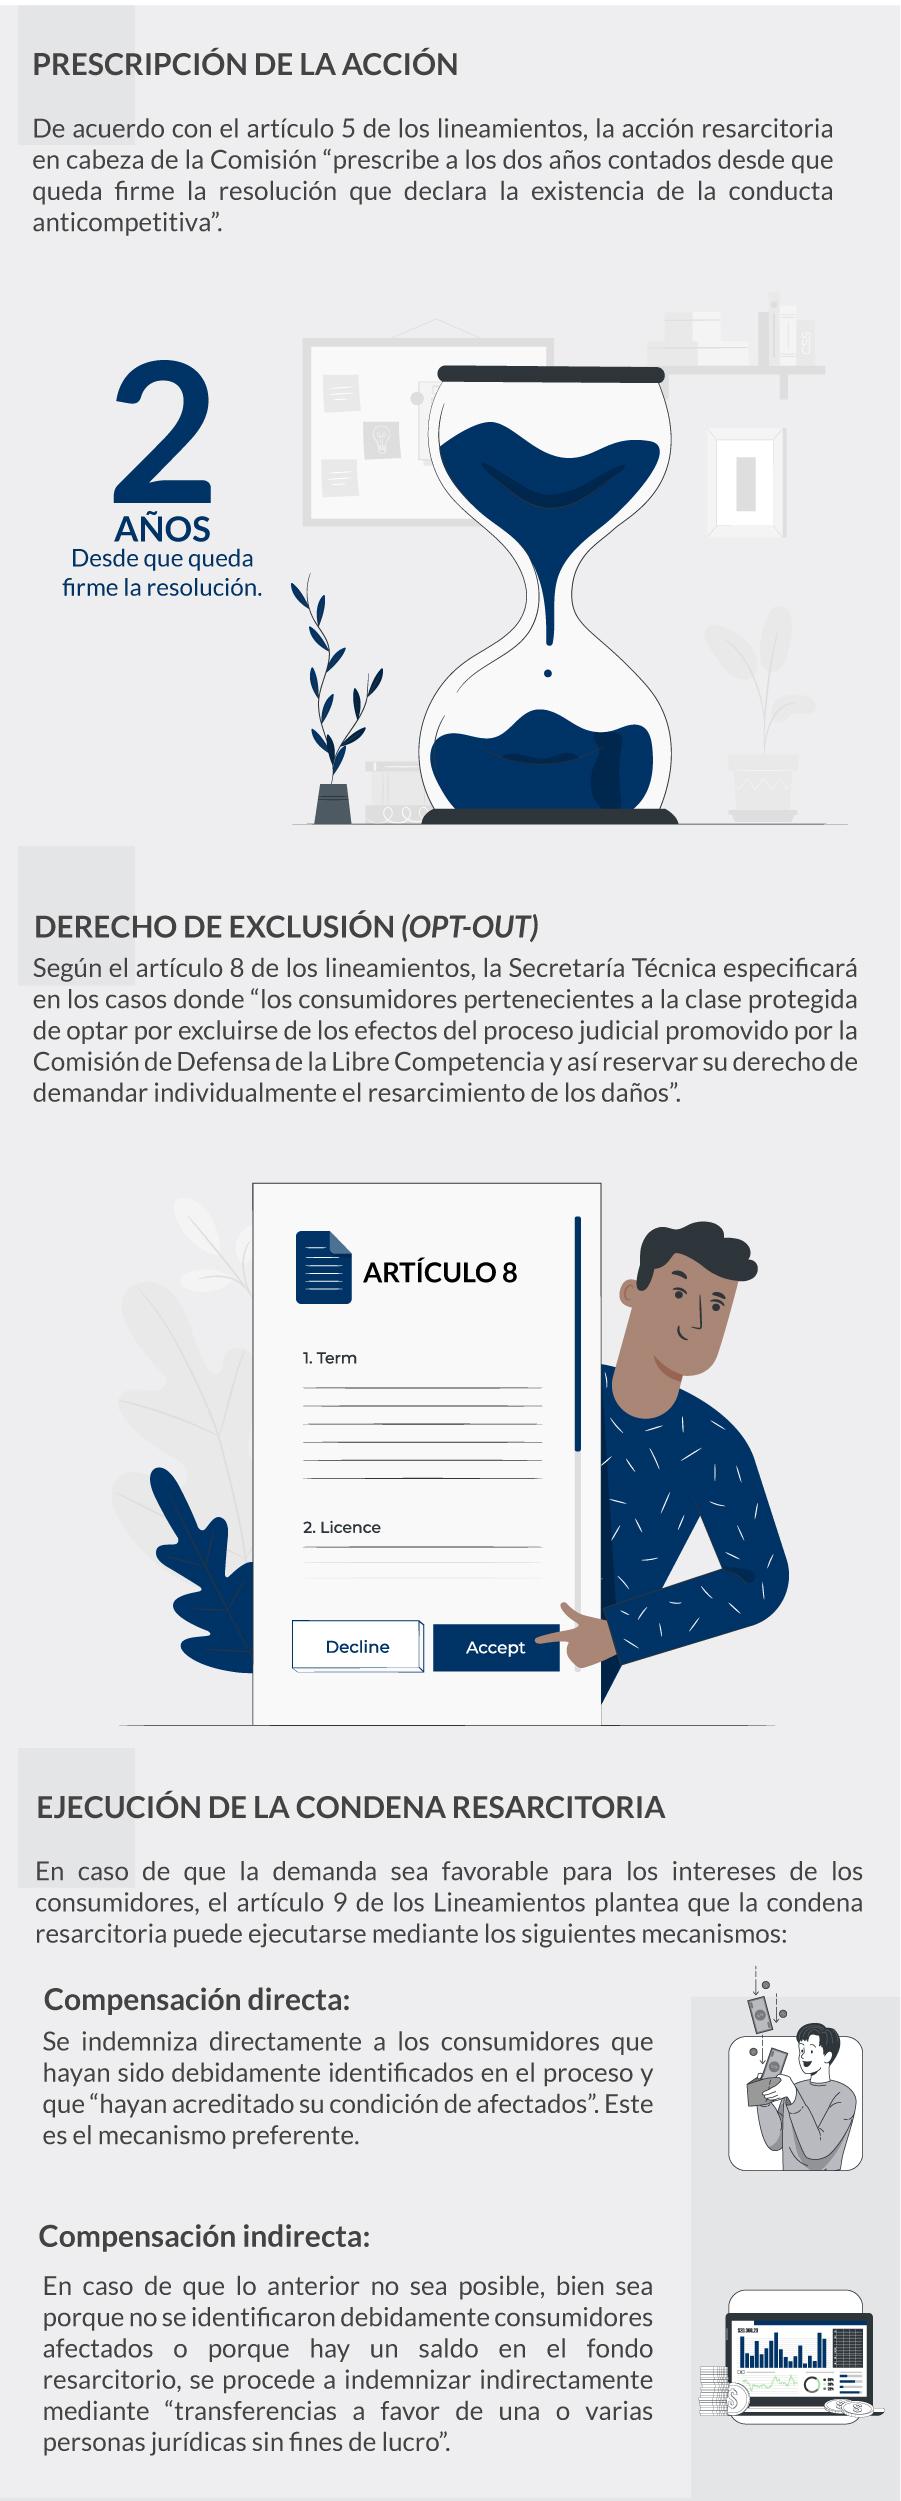 Derecho de exclusión